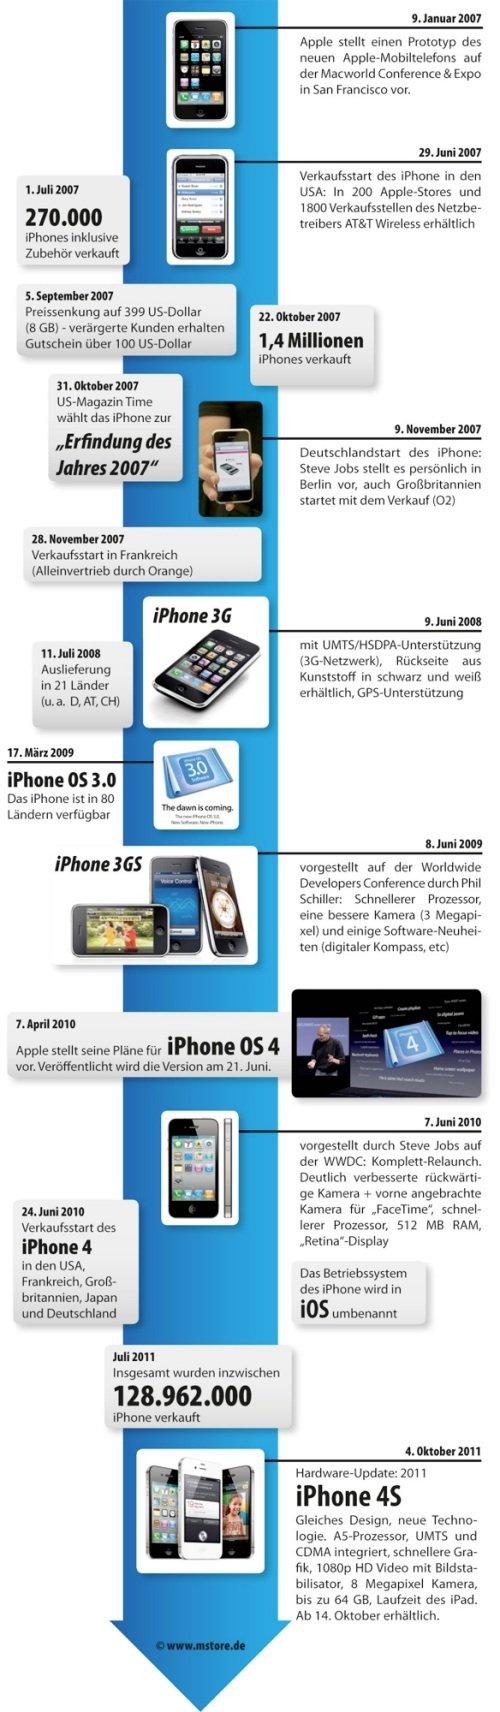 Die Geschichte des iPhones – Infografik